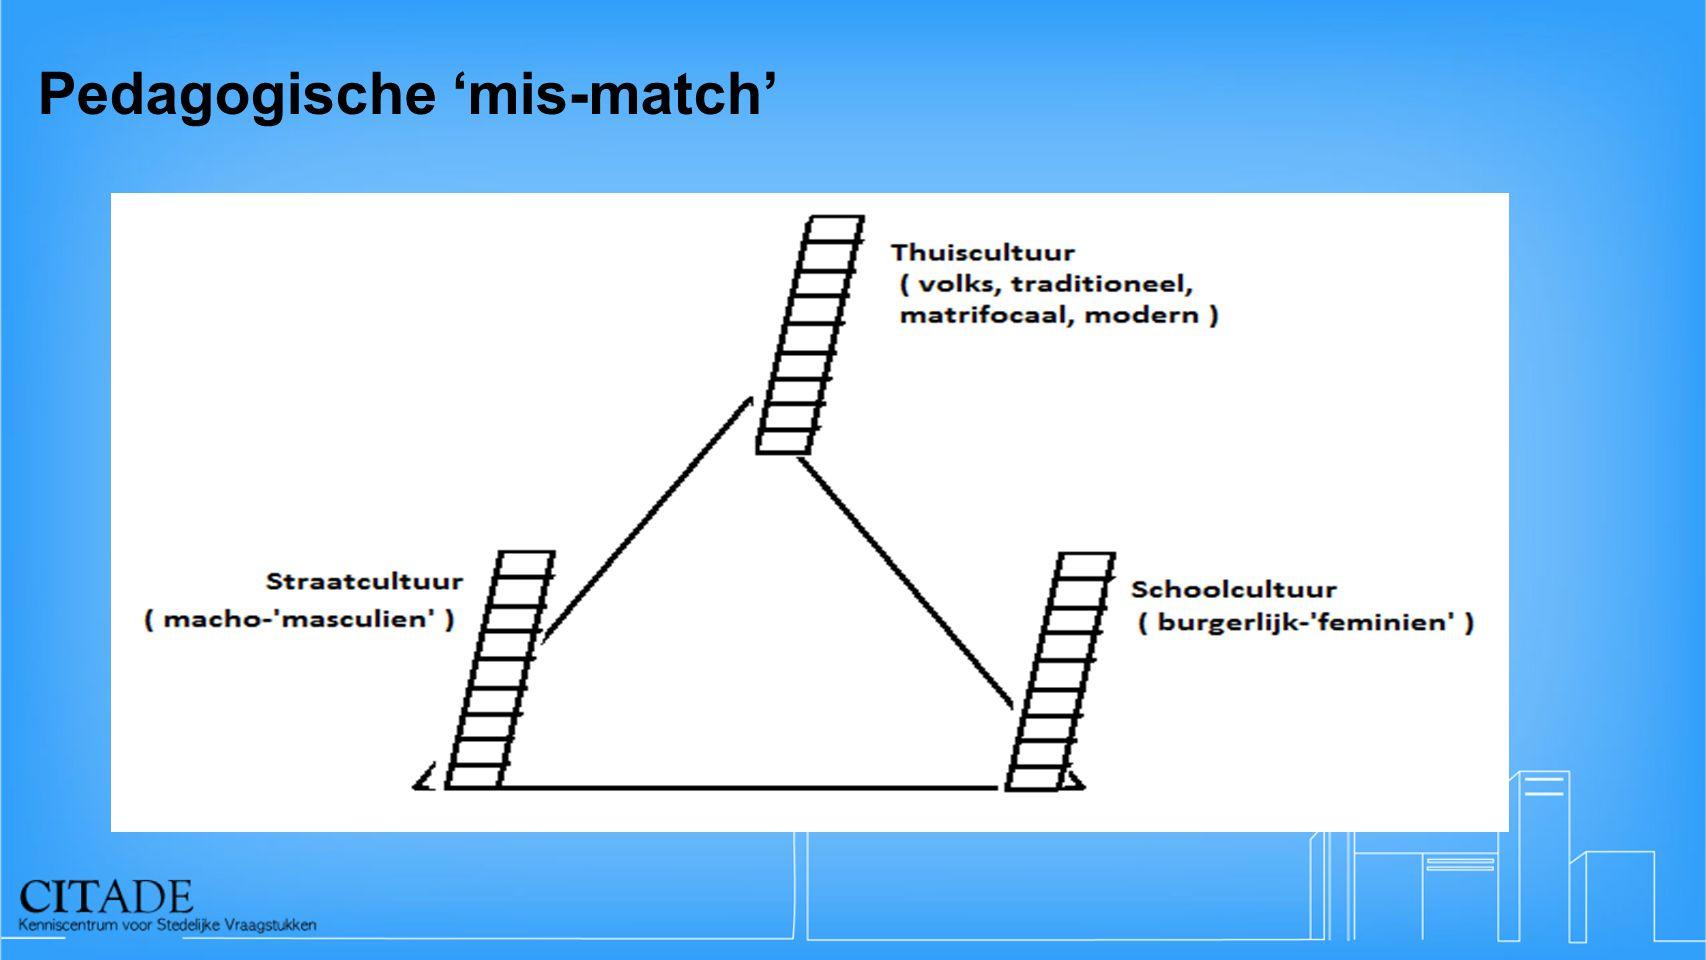 Pedagogische 'mis-match' Thuiscultuur (traditioneel) (volks) Schoolcultuur (masculien / volks) Straatcultuur (masculien)